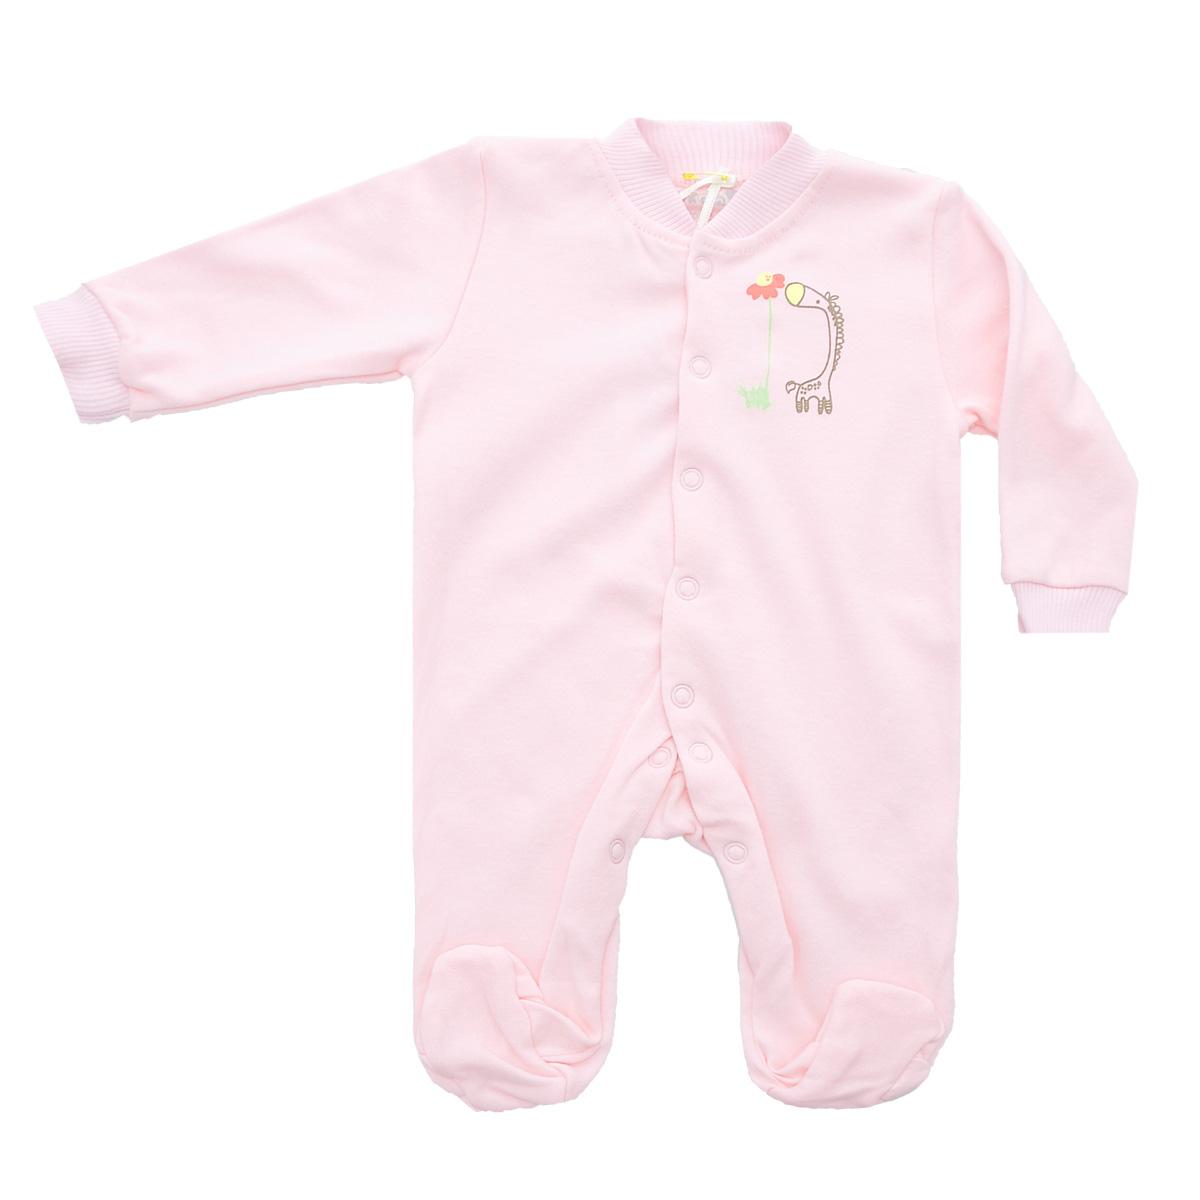 Комбинезон детский Клякса, цвет: розовый. 37-550. Размер 68, 6 месяцев37-550Удобный детский комбинезон Клякса послужит идеальным дополнением к гардеробу ребенка. Комбинезон изготовлен из интерлок-пенье - натурального хлопка, благодаря чему он необычайно мягкий и легкий, не раздражает нежную кожу младенца и хорошо вентилируется, а эластичные швы приятны телу малыша и не препятствуют его движениям. Комбинезон с длинными рукавами, небольшим воротничком-стойкой и закрытыми ножками имеет ассиметричные застежки-кнопки от горловины до щиколотки, которые помогают легко переодеть ребенка или сменить подгузник. Низ рукавов дополнен широкими эластичными манжетами, не пережимающими запястья малыша. На груди изделие оформлено оригинальным принтом с изображением забавного животного.Комбинезон полностью соответствует особенностям жизни ребенка в ранний период, не стесняя и не ограничивая его в движениях!